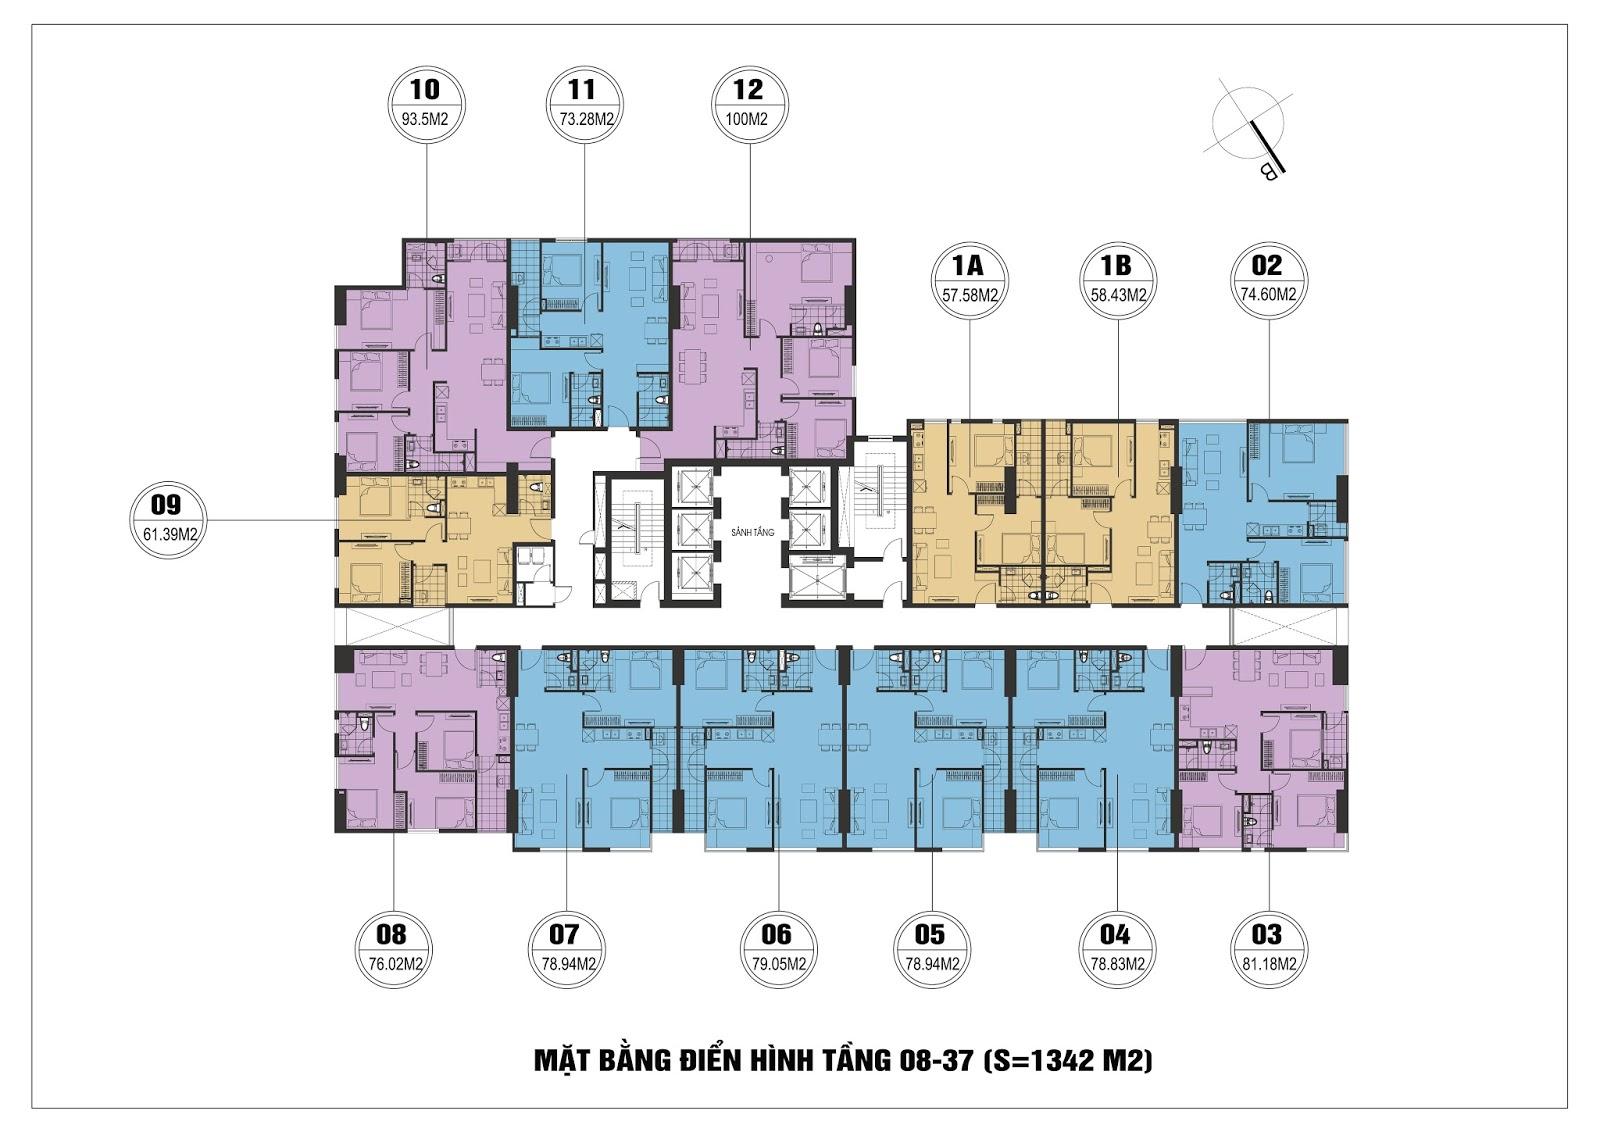 Mặt bằng điển hình tầng 08-37 chung cư FLC Star Tower